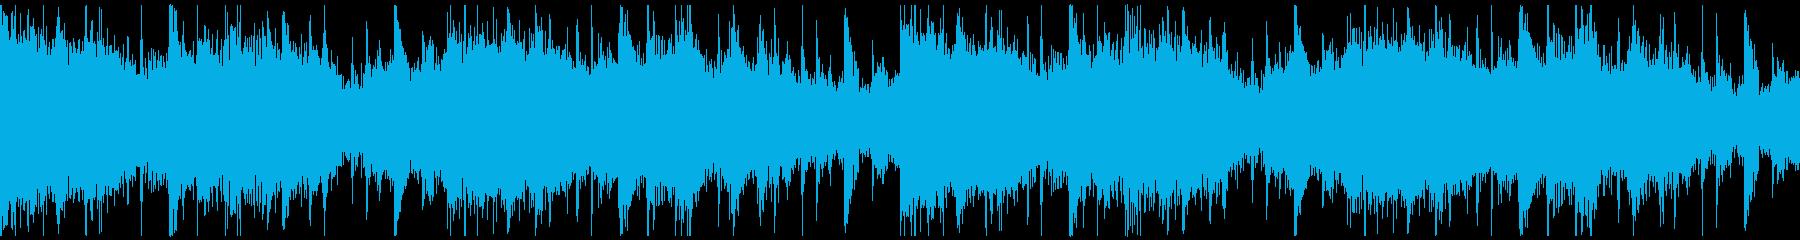 躍動感,オシャレCM、ループ3の再生済みの波形